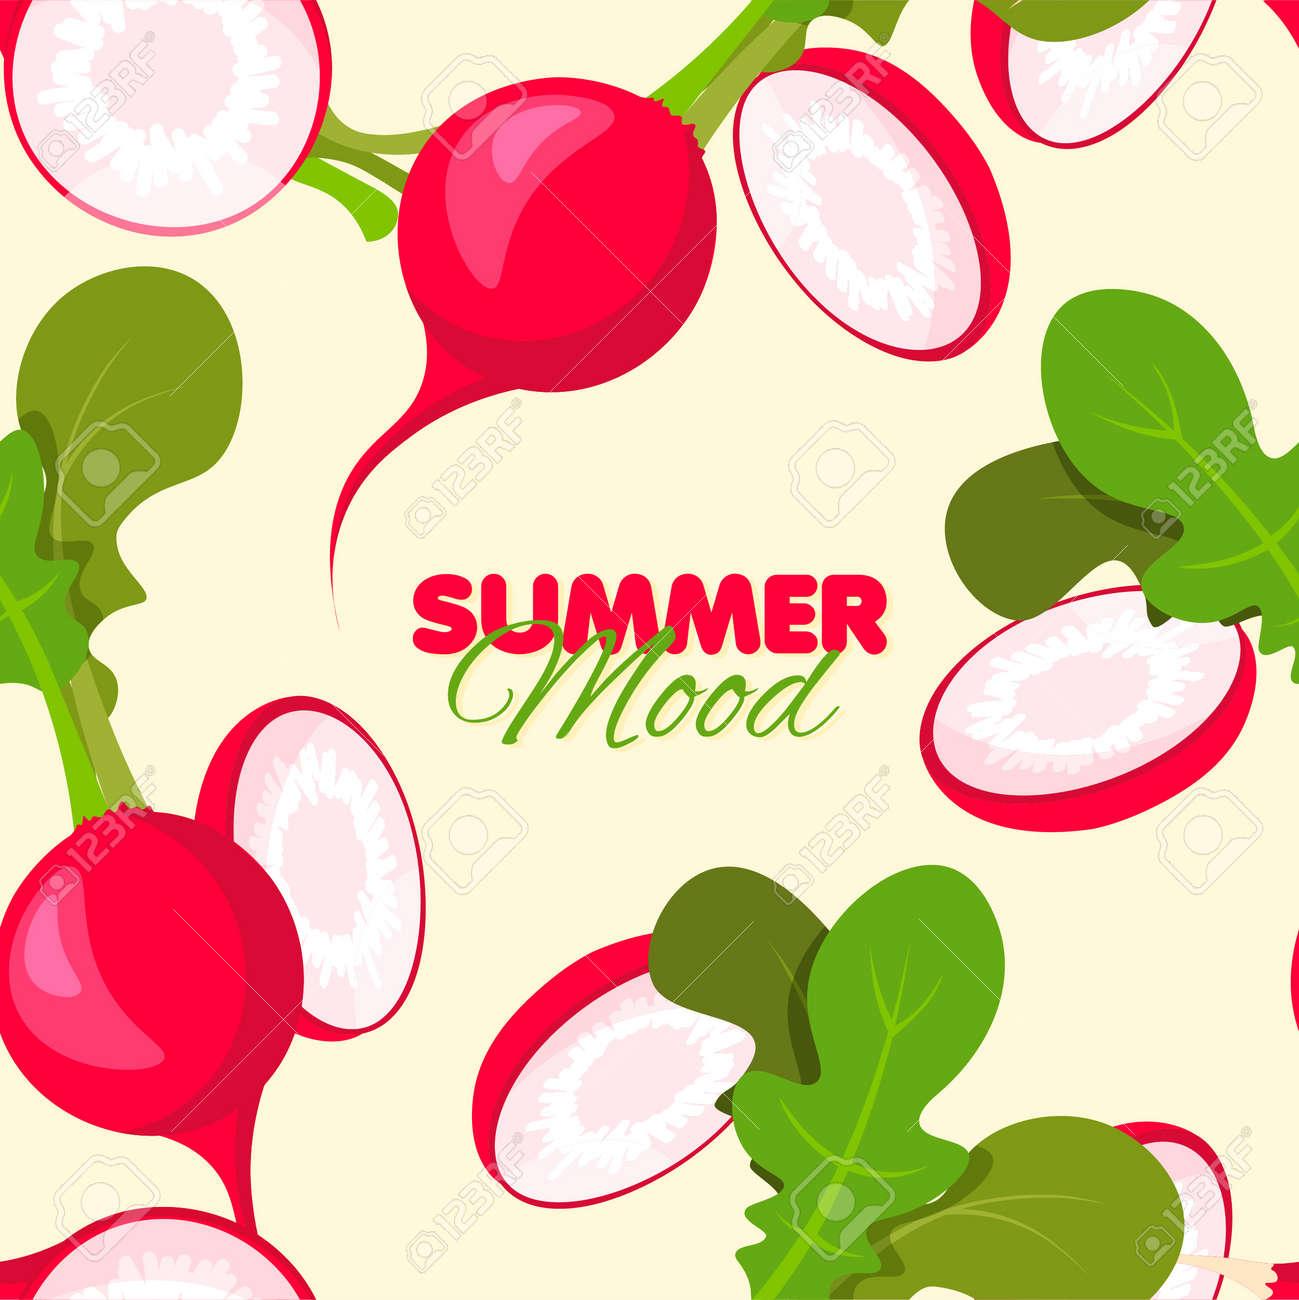 Bright radish seamless pattern. Summer banner concept. Vector illustration. - 170248534